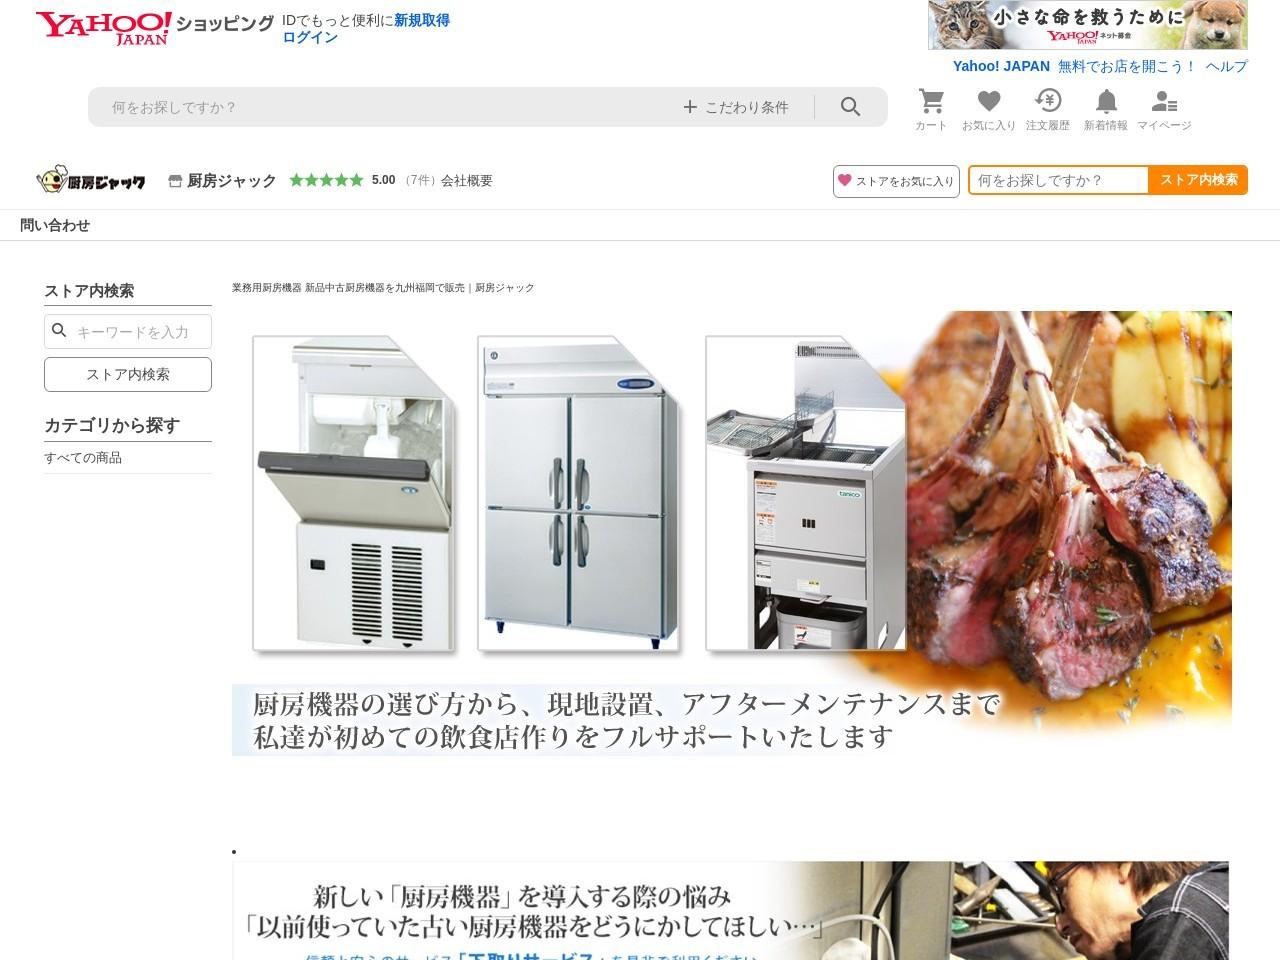 厨房ジャック - Yahoo!ショッピング